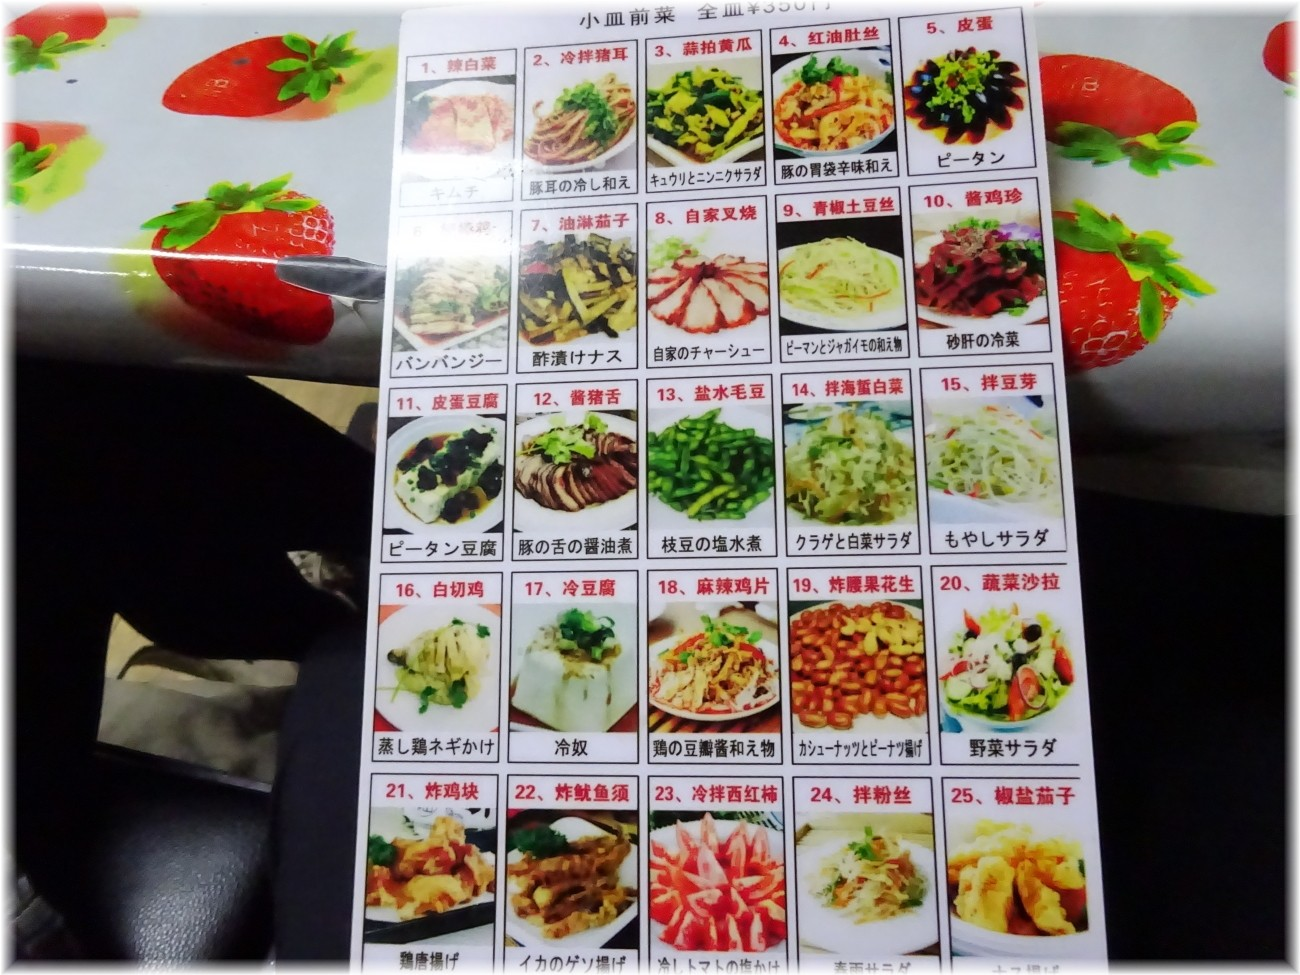 龍王 小皿料理メニュー